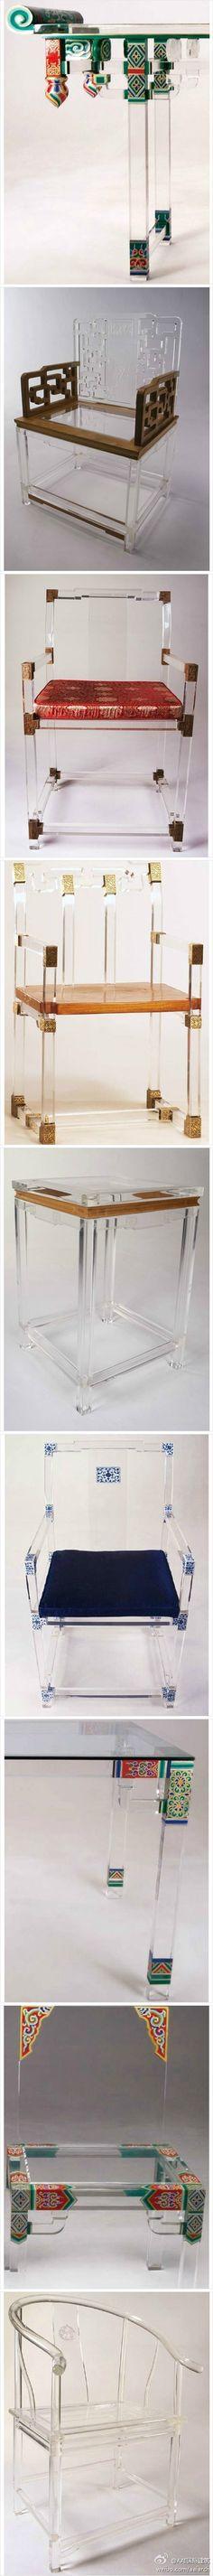 中式風格家具在新材料下的詮釋,現代新材料...